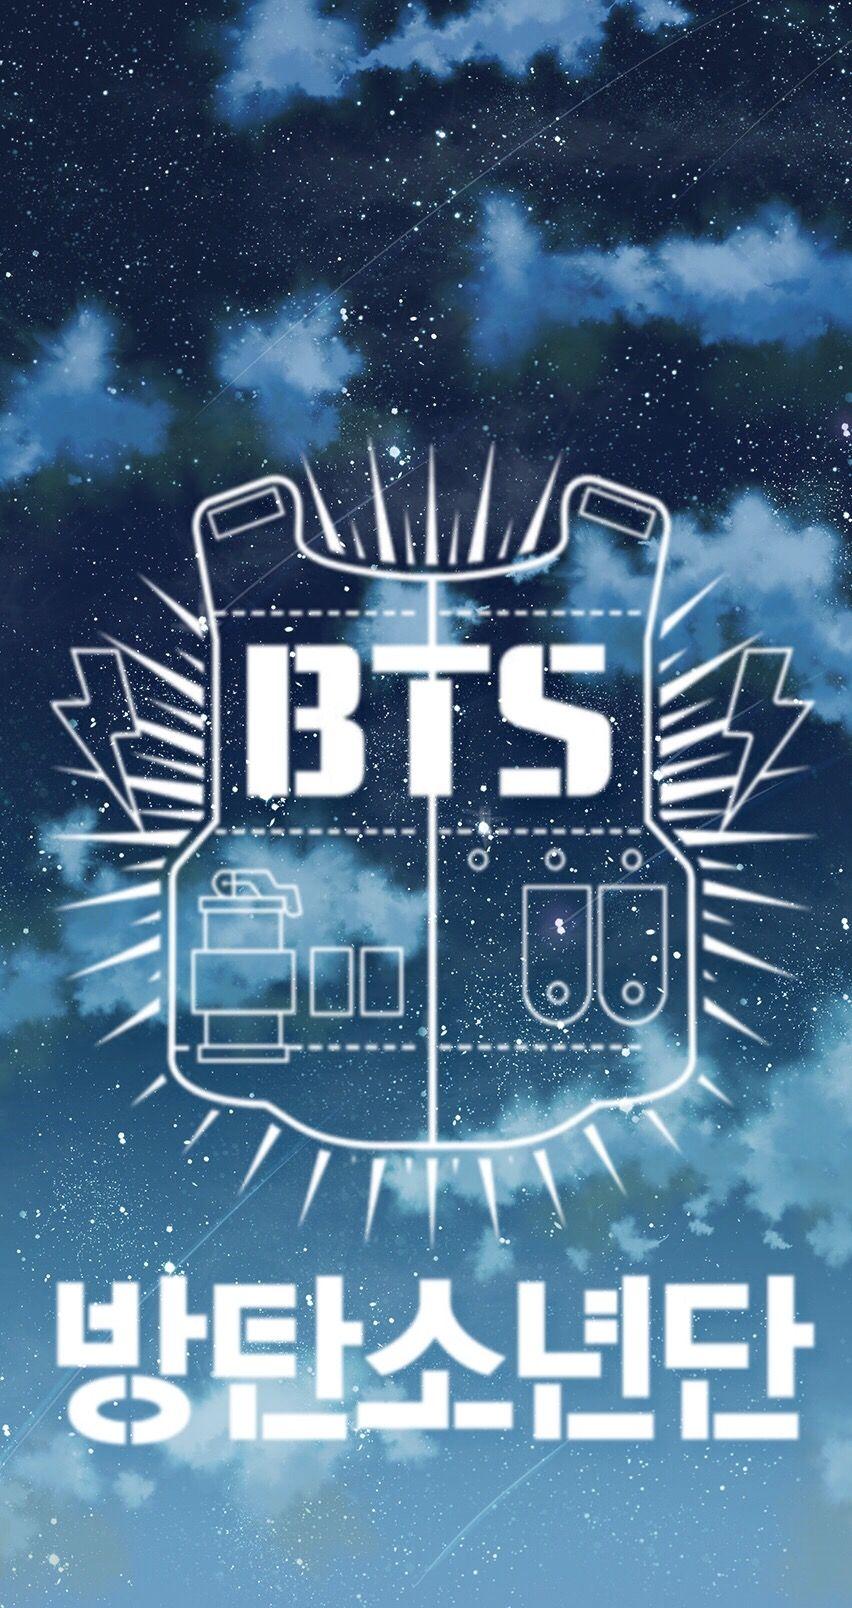 Bts wallpaper ️ bts Bts wallpaper, BTS and Wallpaper